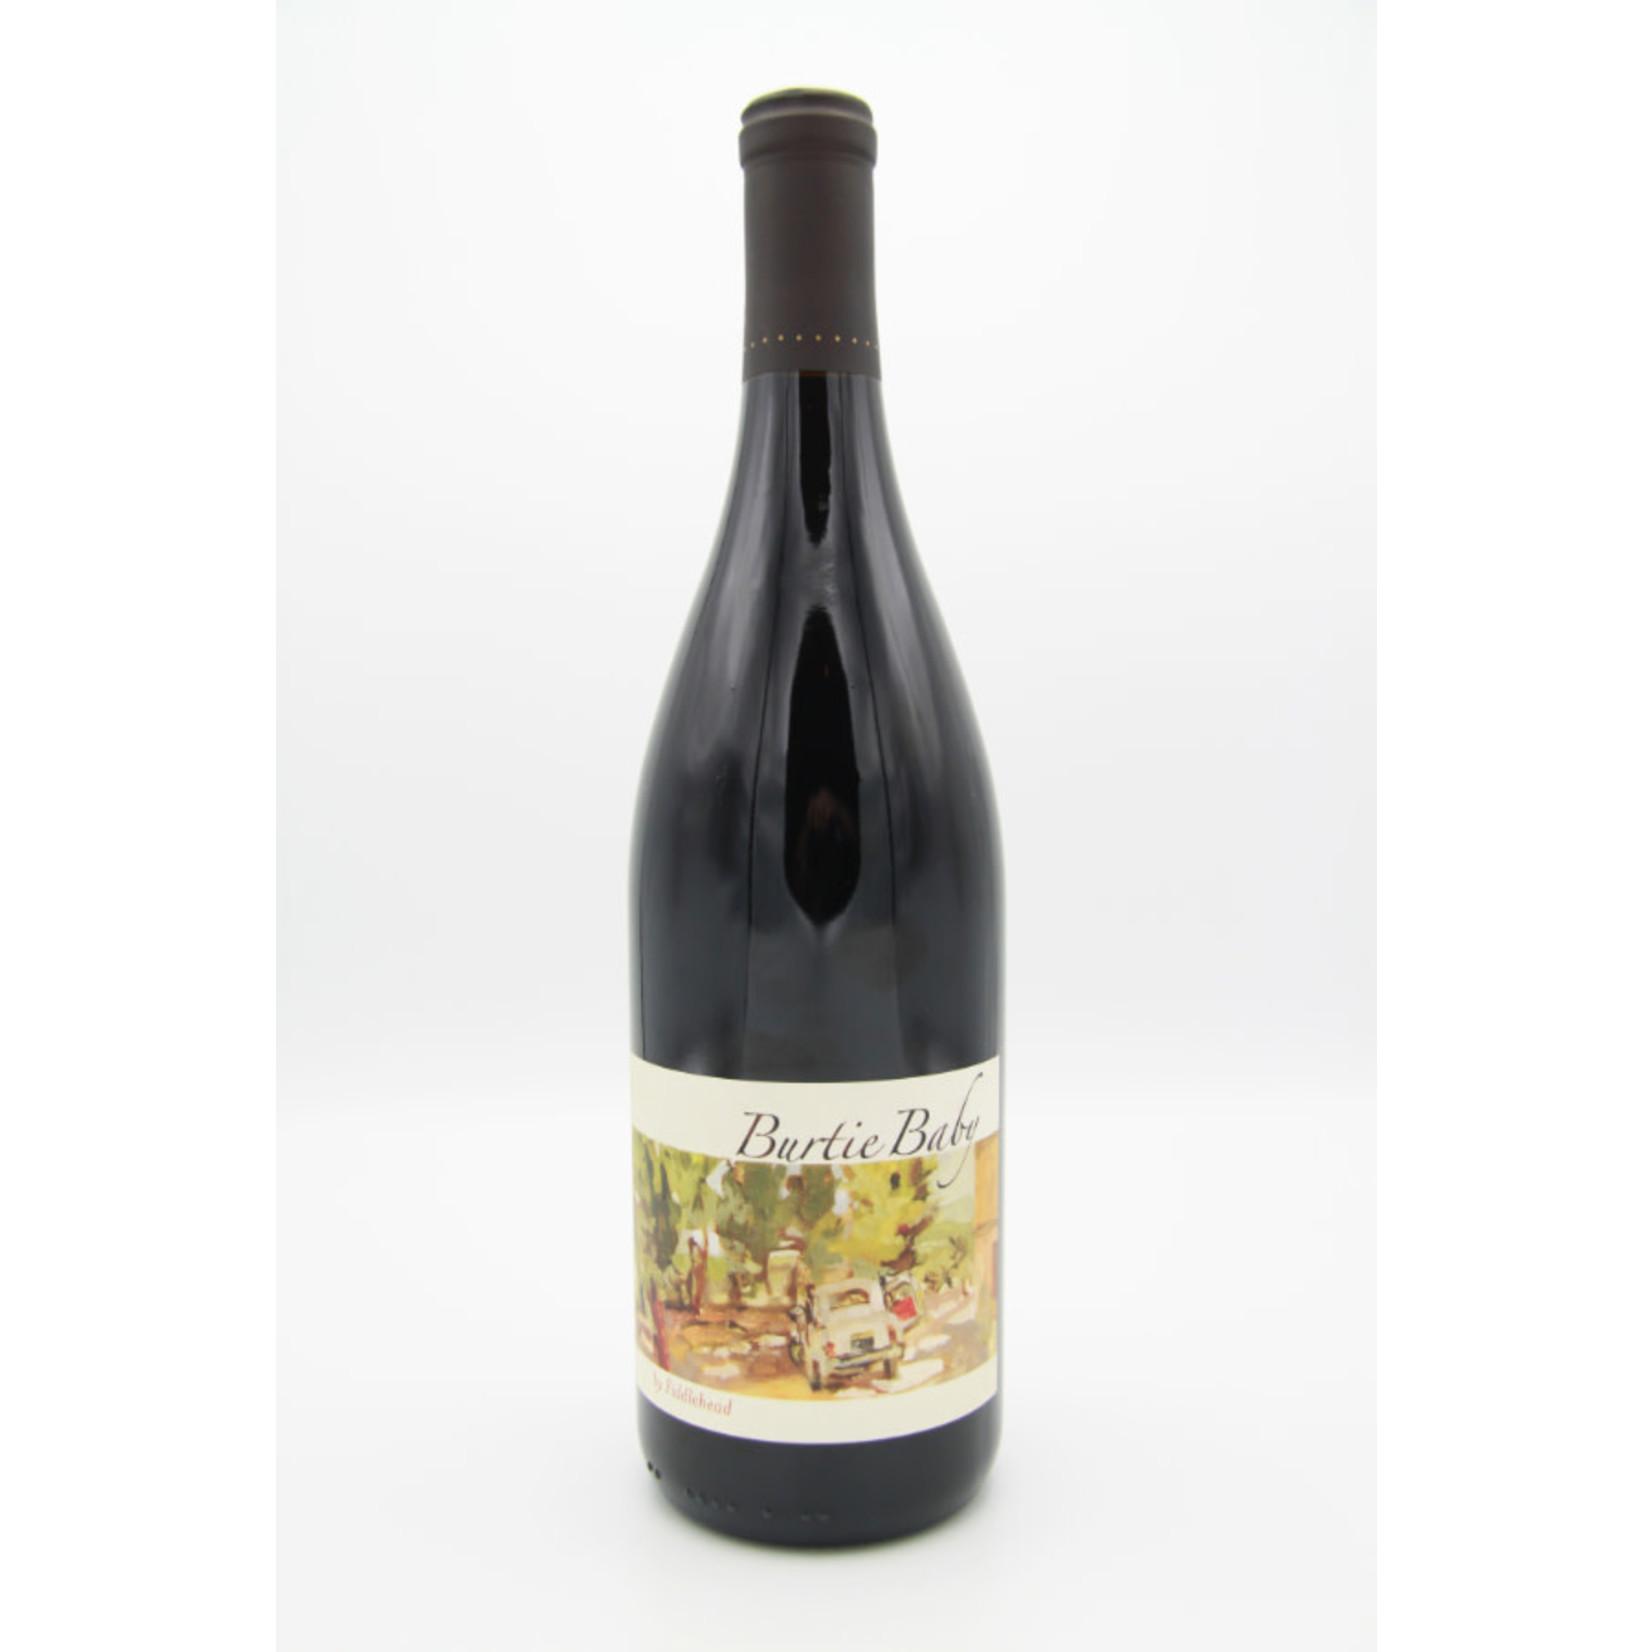 2012 Fiddlehead Cellars 'Burtie Baby' Pinot Noir